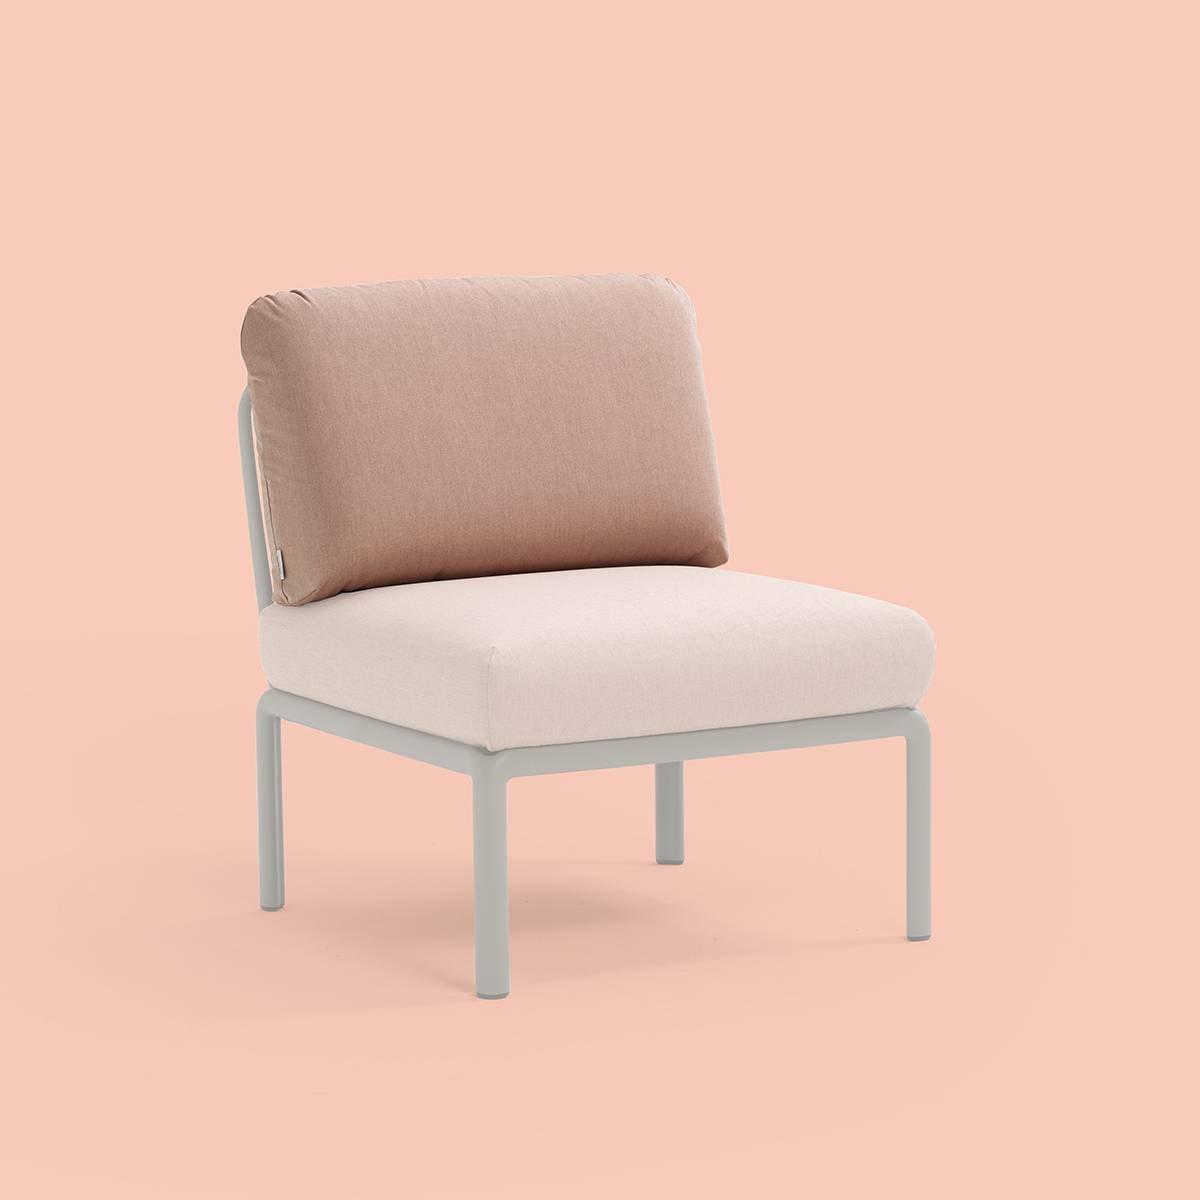 cuscino per schienale Komodo in tessuto acrilico rosa n. 066